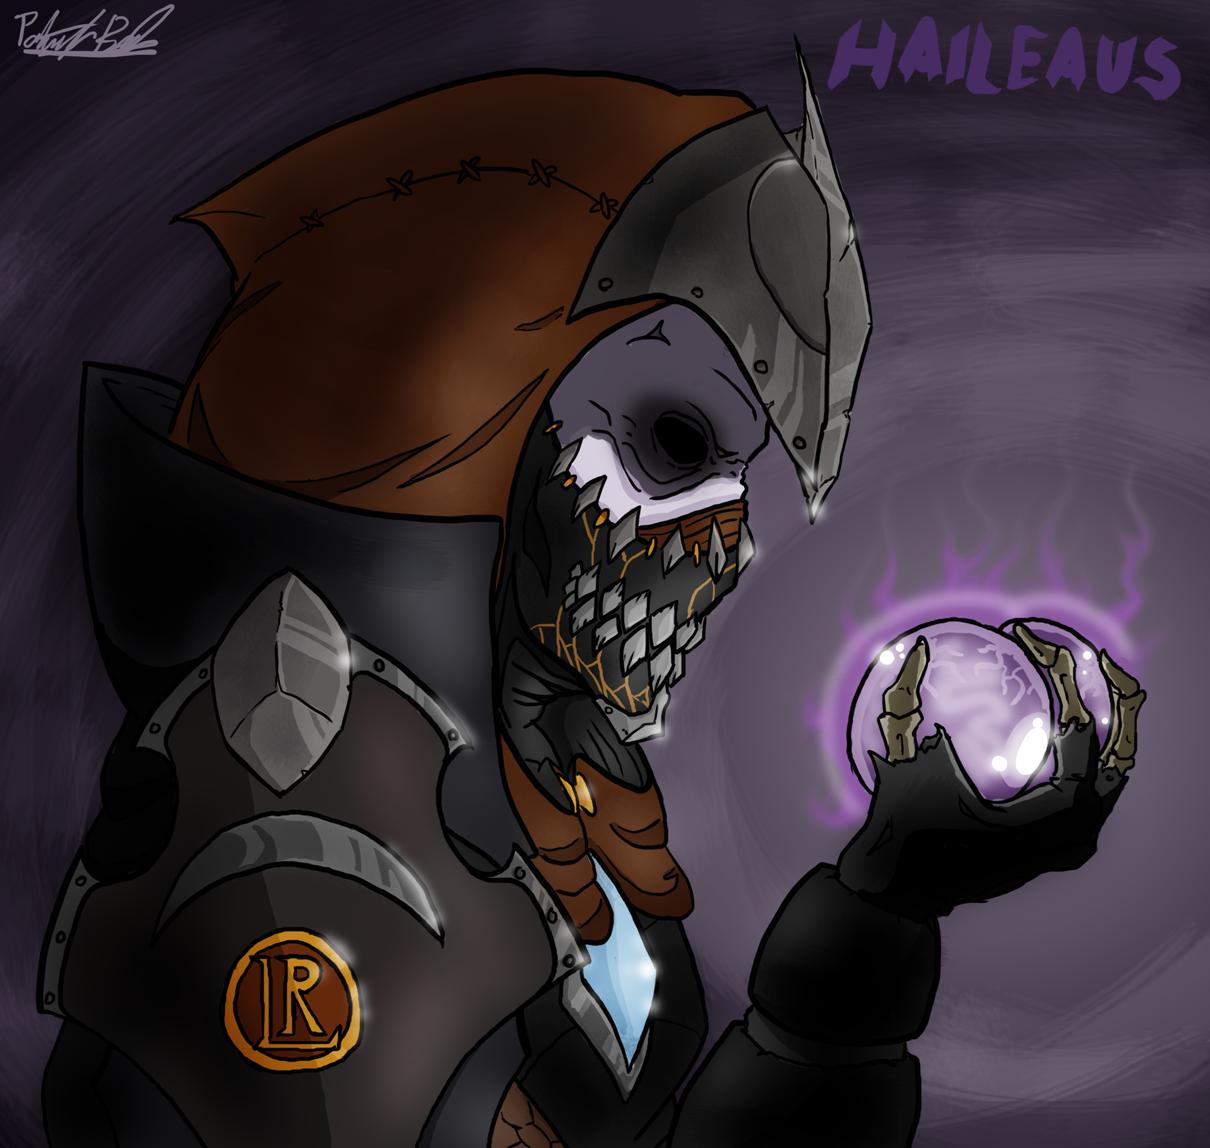 Haileaus Rogue